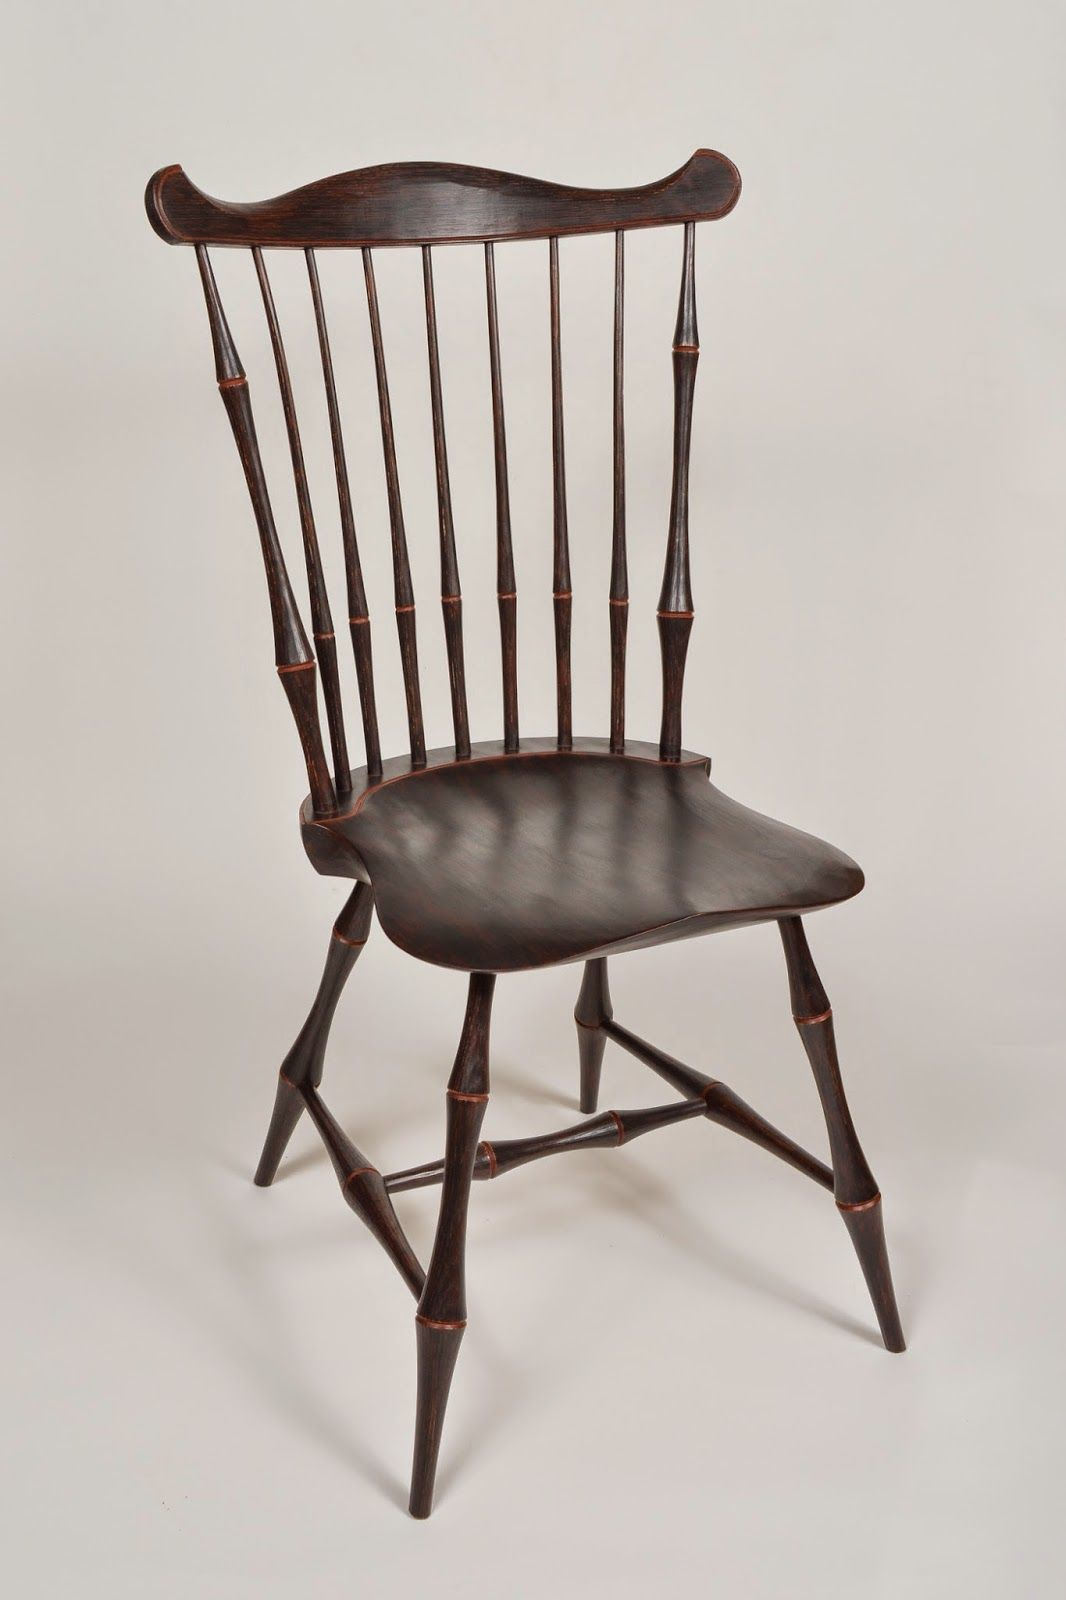 fan back side chair double bobbin turnings curtis buchanan a¶a…·